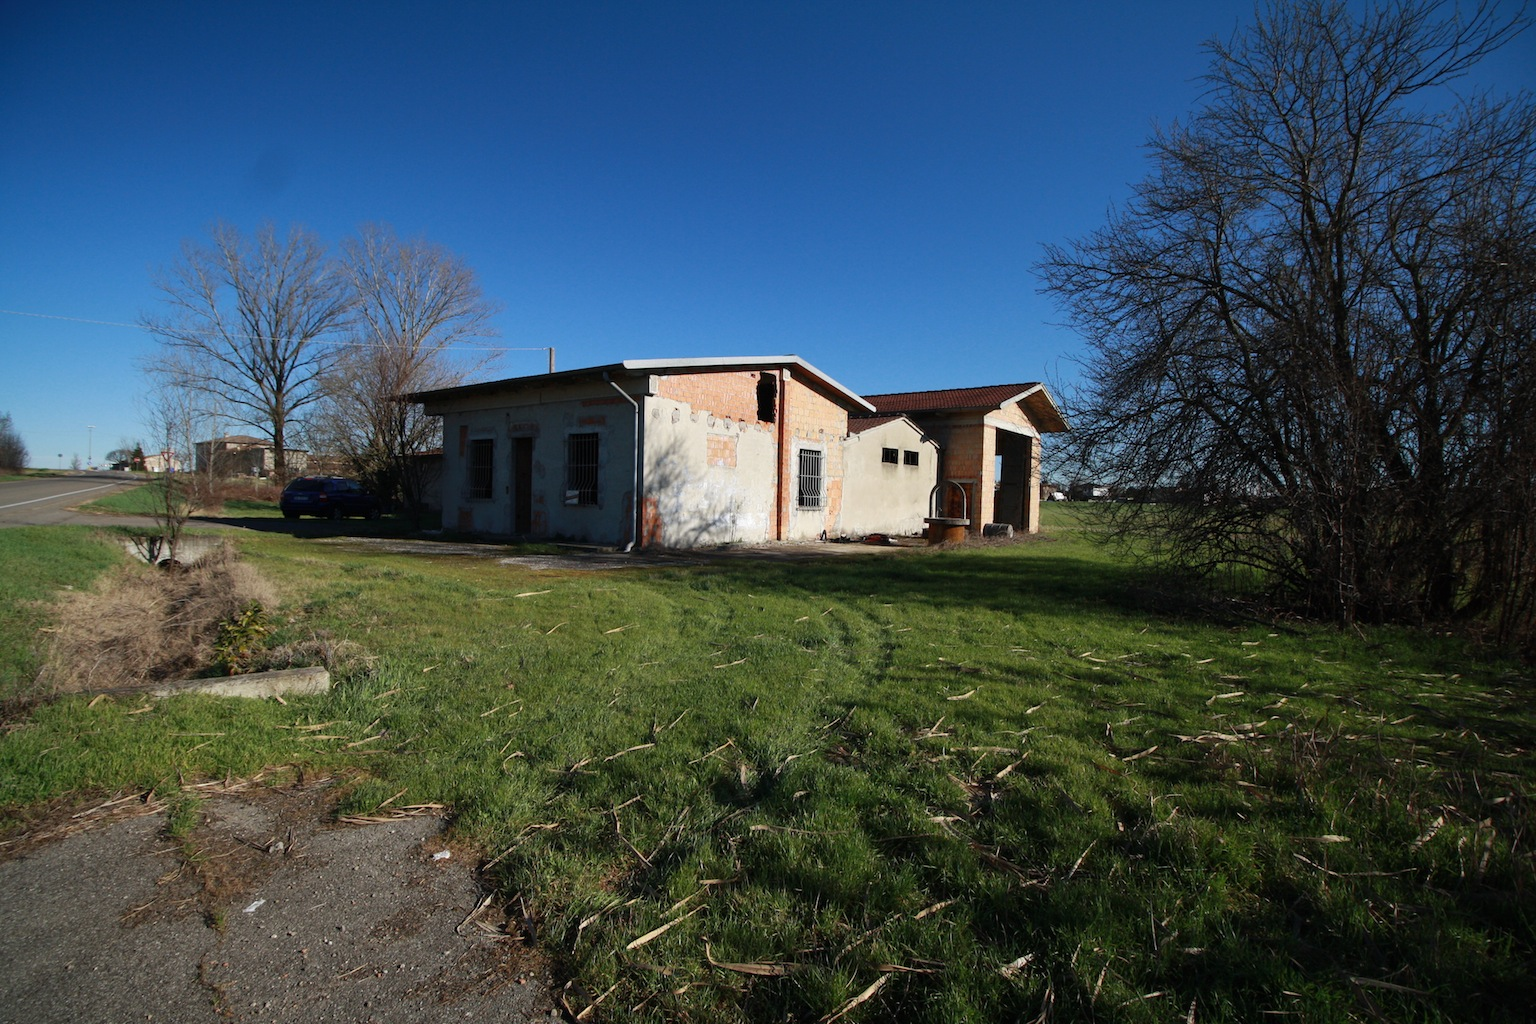 Terreno Edificabile Residenziale in vendita a Gattatico, 9999 locali, zona Località: Praticello(sededelMunicipio, prezzo € 85.000 | CambioCasa.it